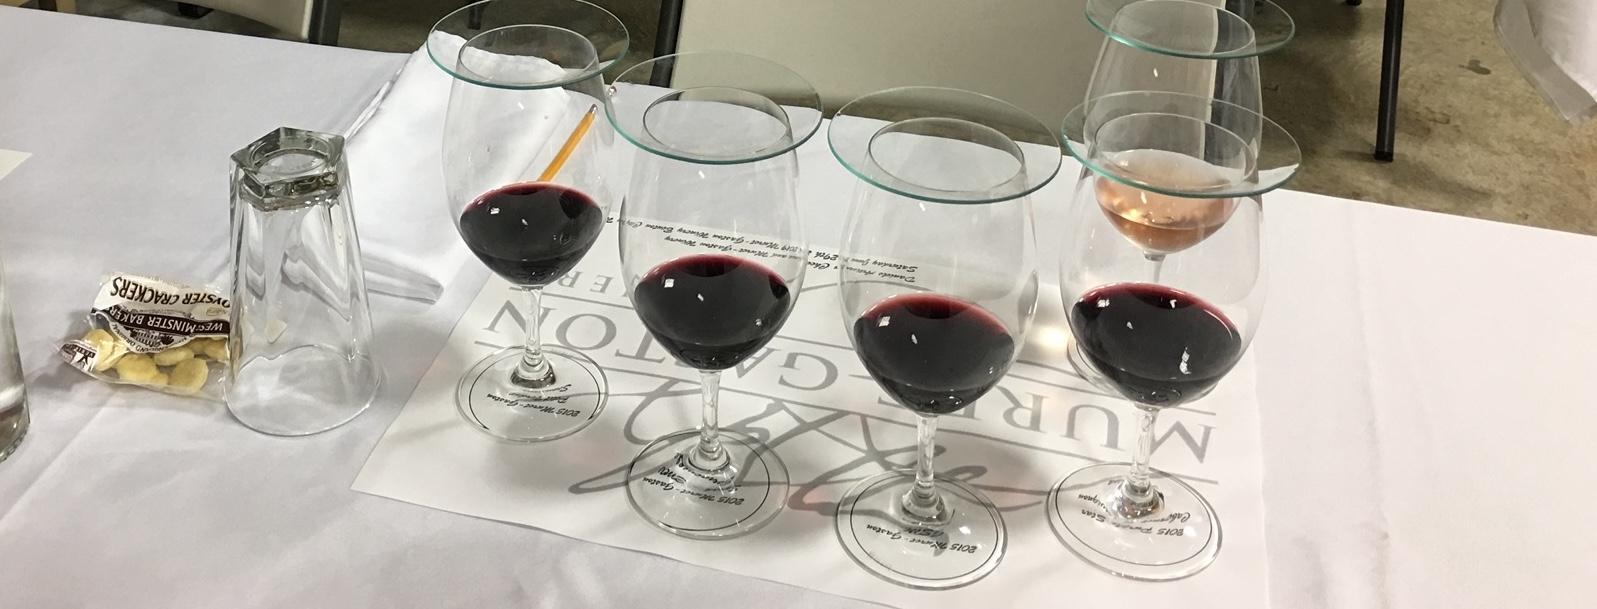 wine tasting - Muret-Gaston Library Wine Tasting